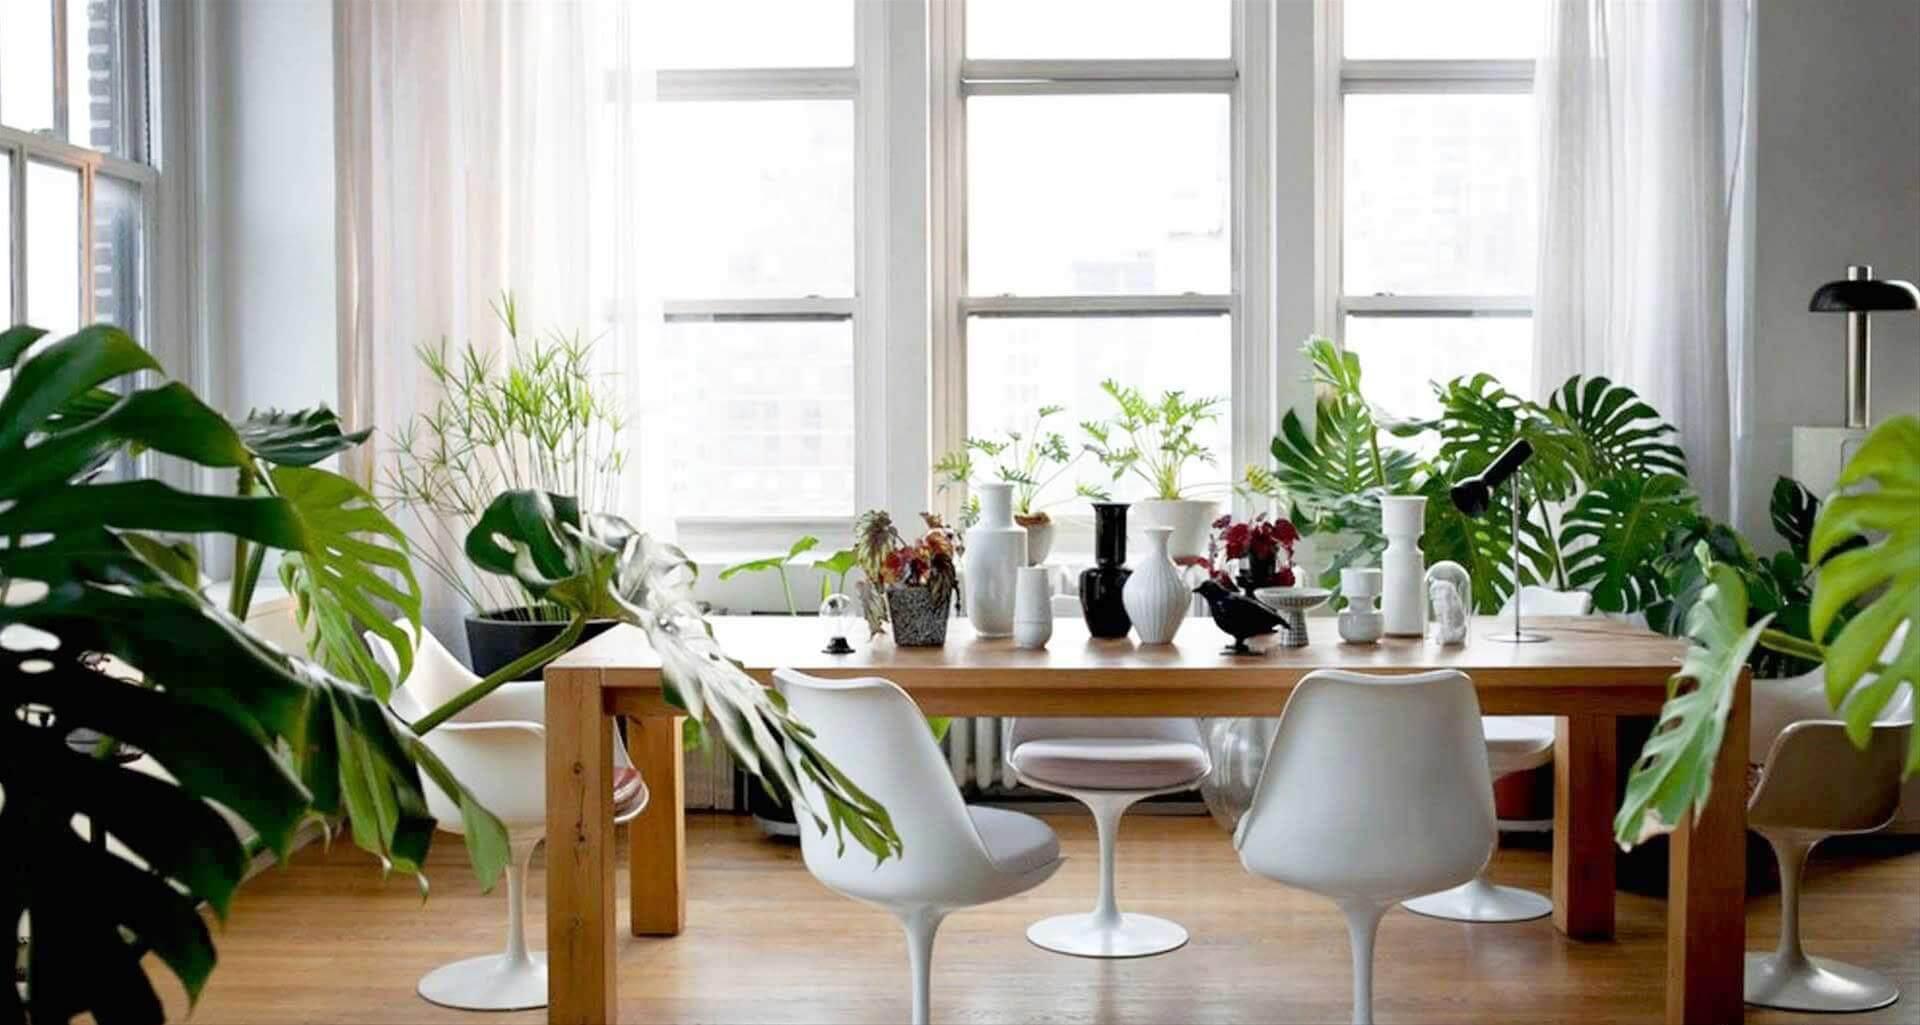 Plantas ornamentais esp cies para interiores arquidicas for Plantas para interiores de casa